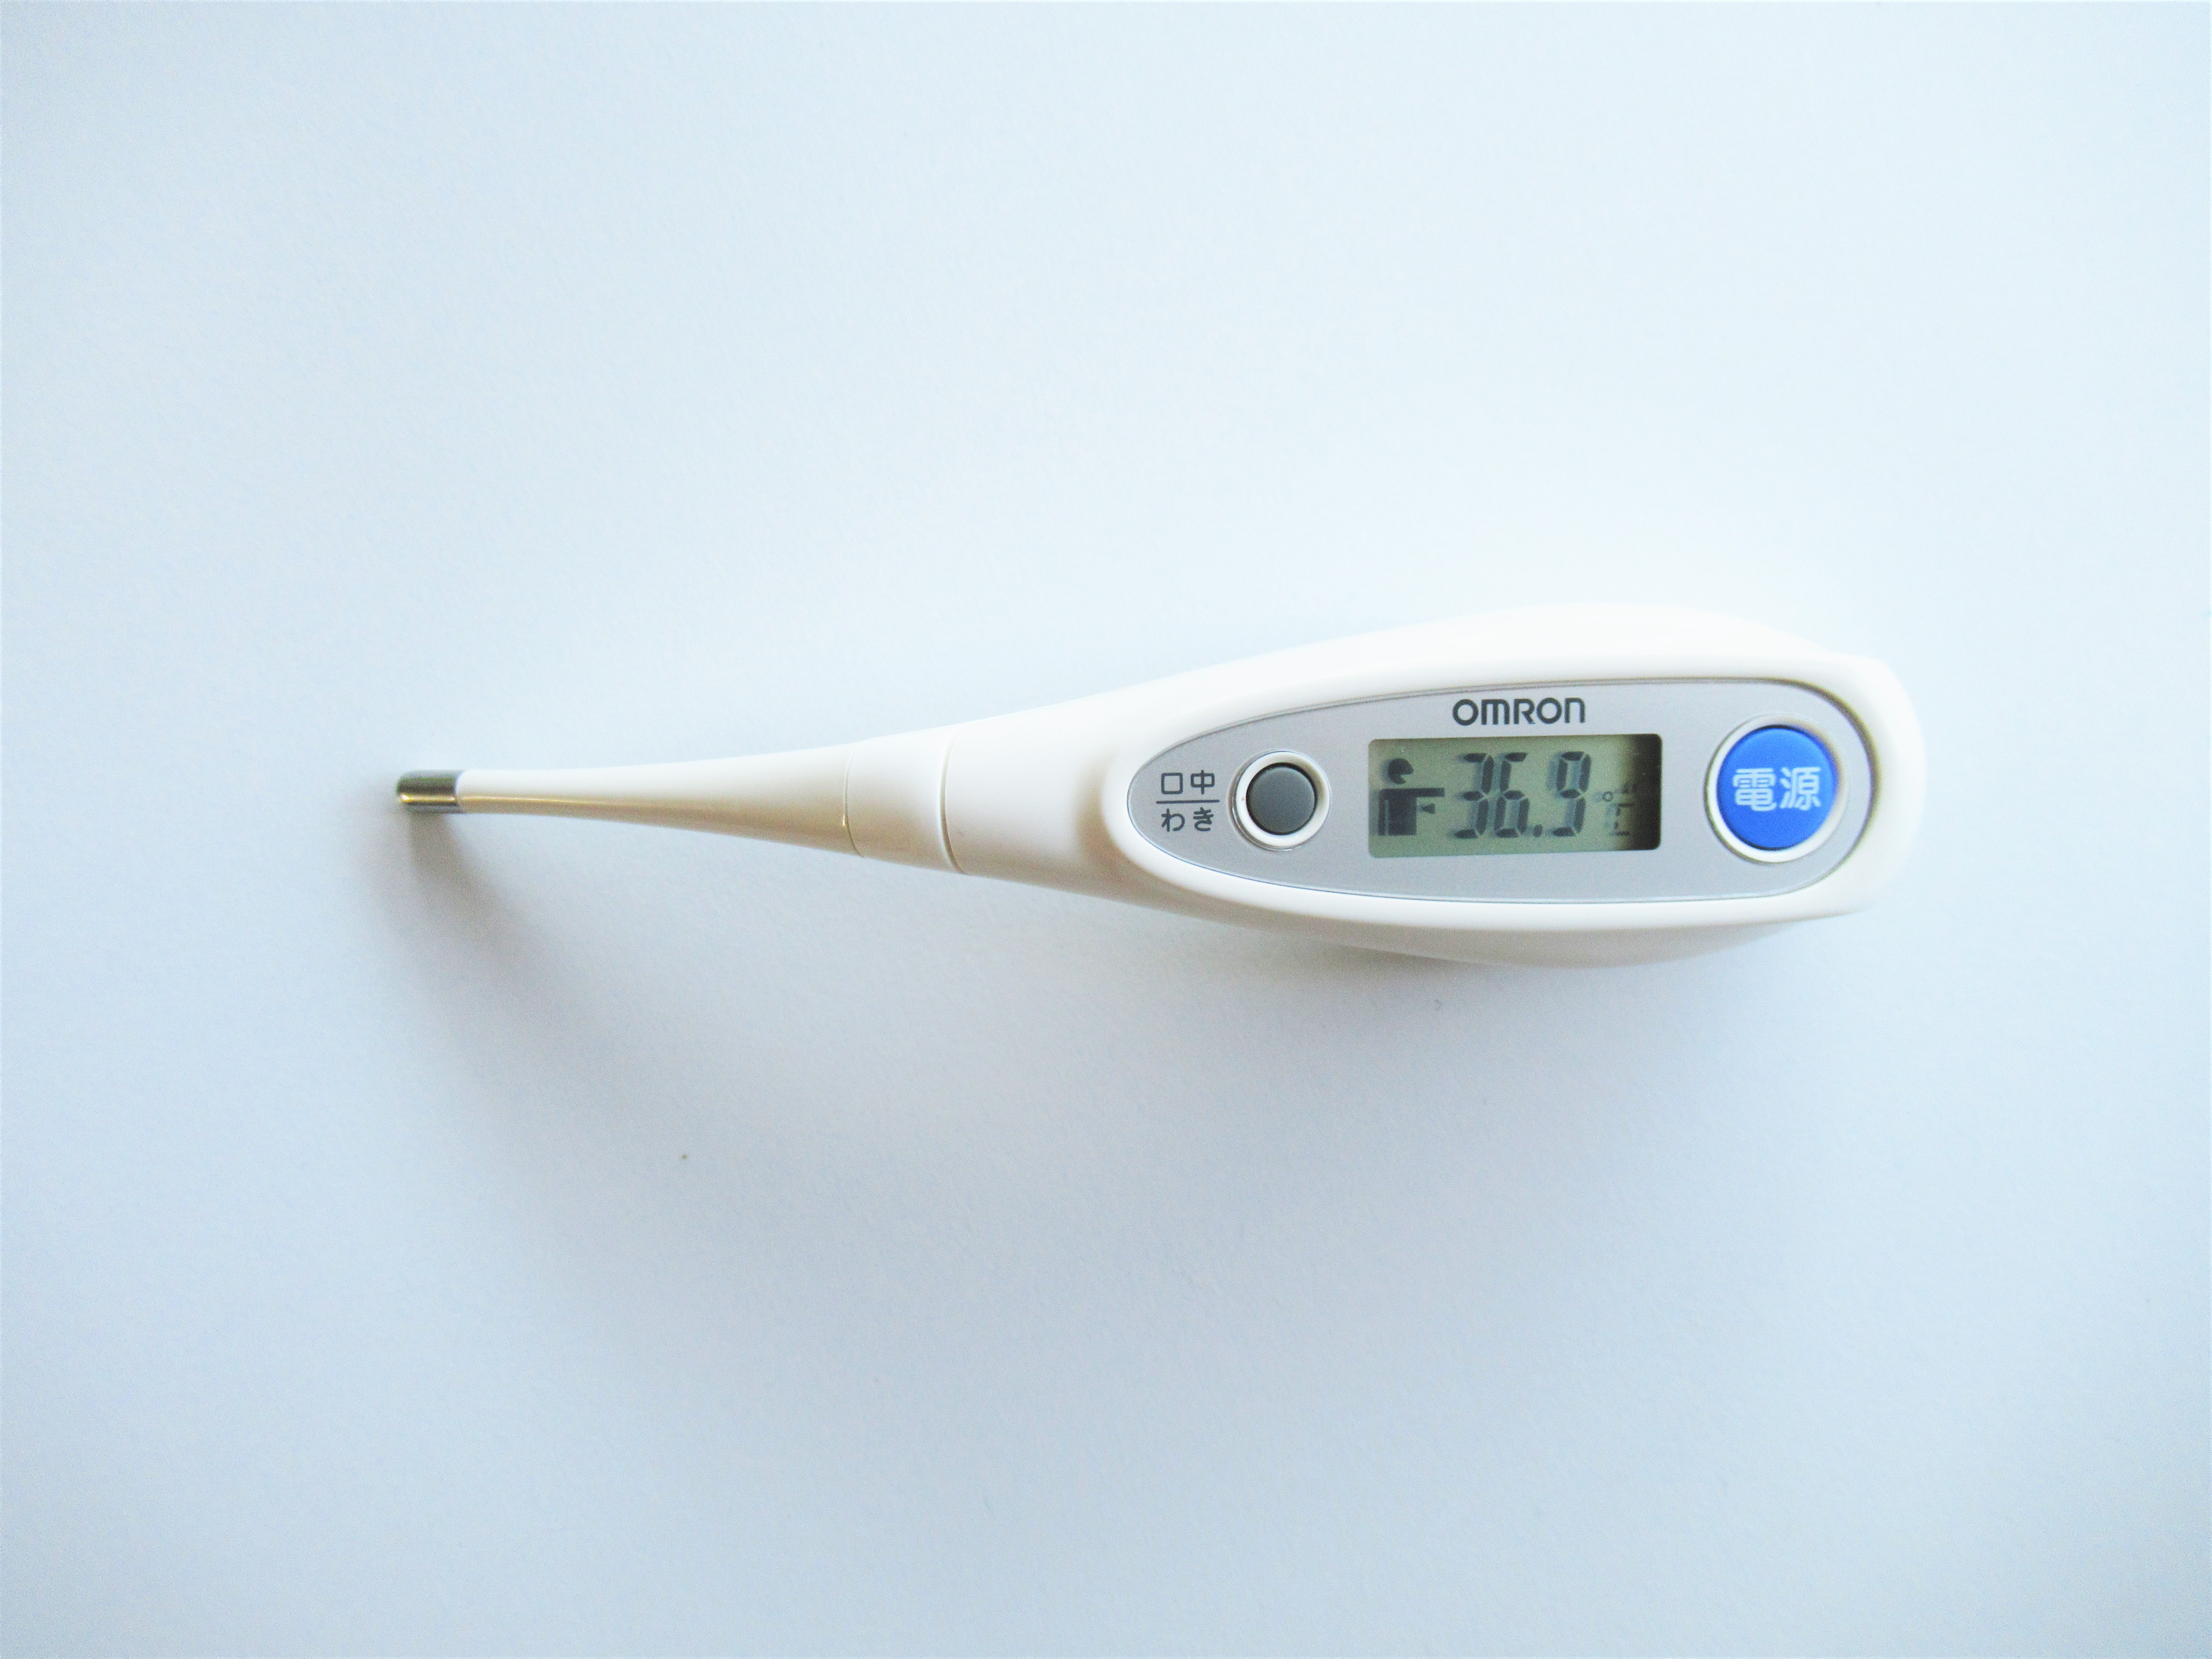 【布ナプキンの始め方】使い捨てナプキンをやめたら基礎体温が上がった!健康にオススメ|ラク家事ブログ